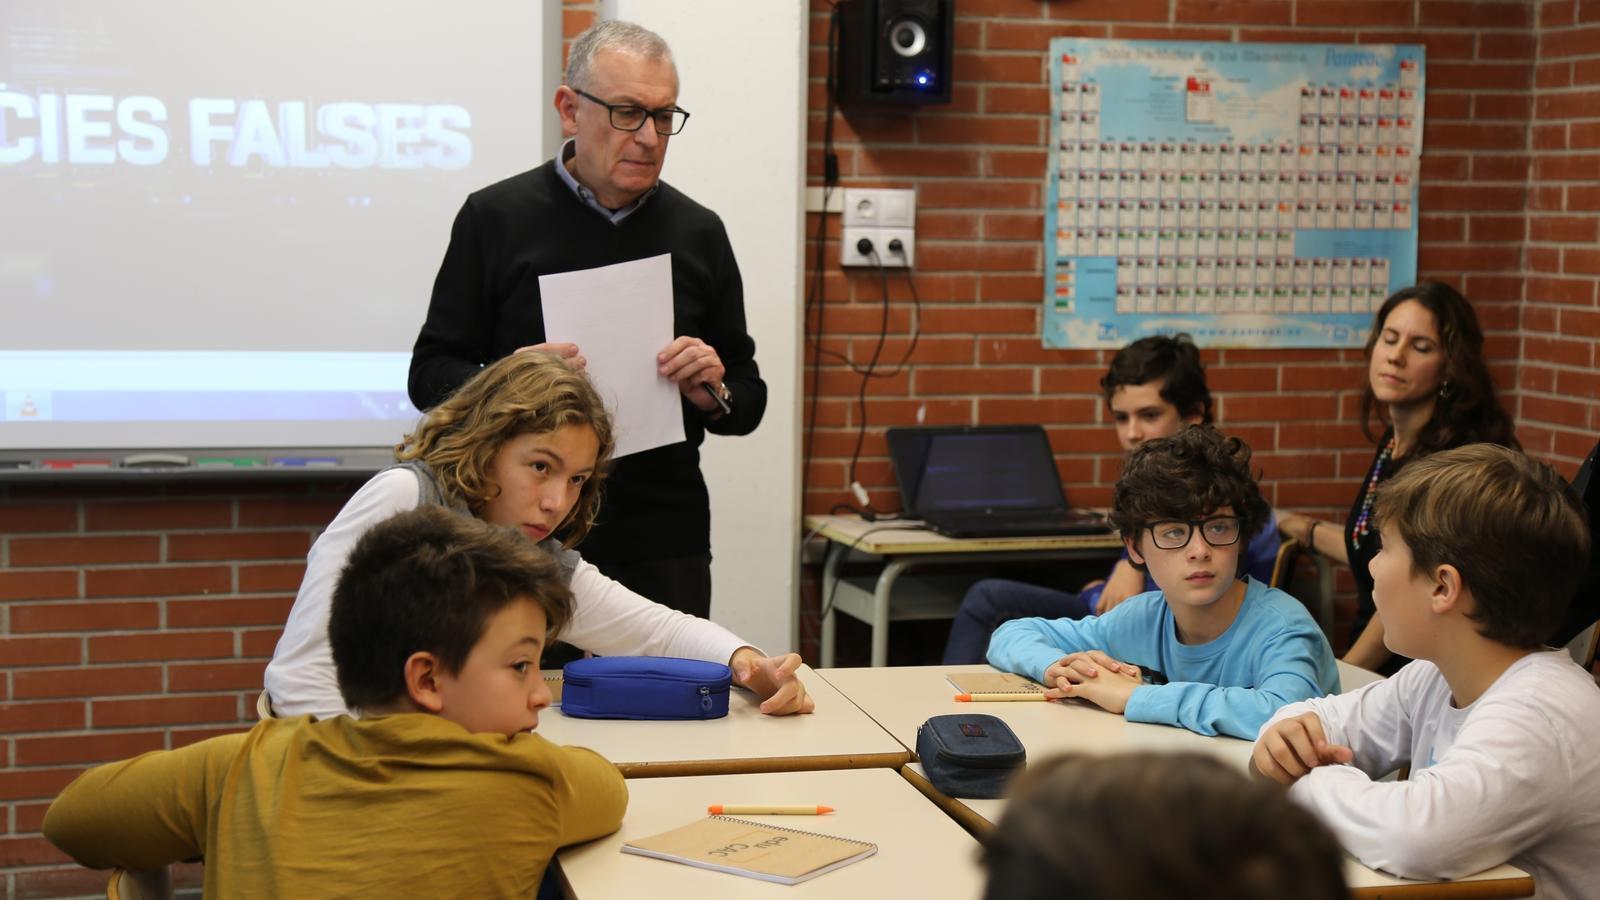 Una classe pràctica amb recursos de l'EduCAC a l'escola Solc de Barcelona, un dels centres que van dur a terme la prova pilot